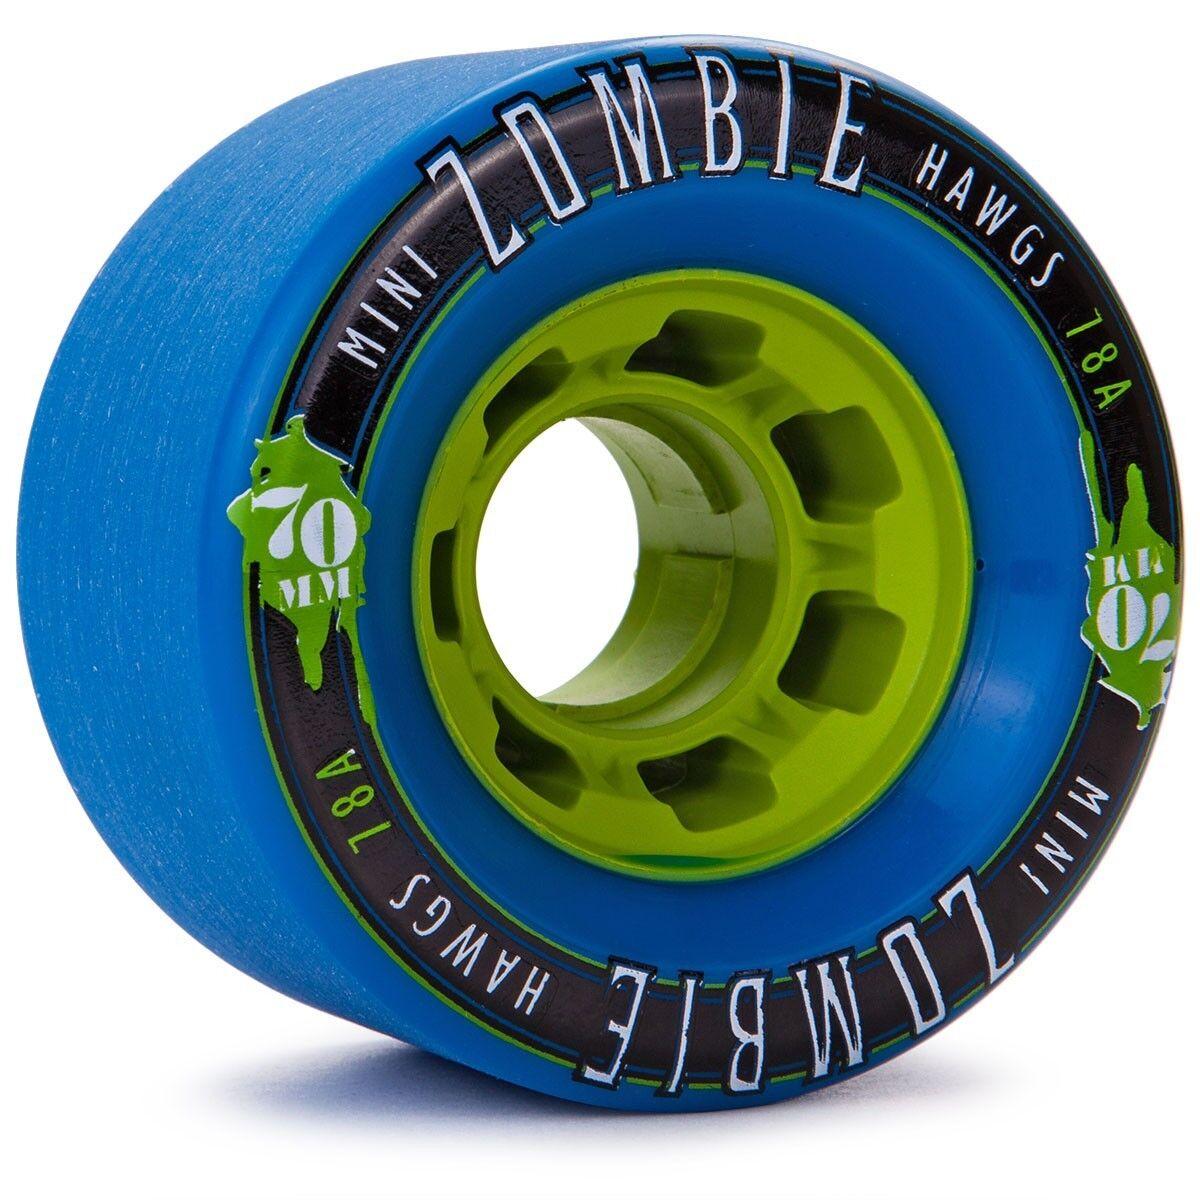 Landyachtz Mini Zombies Longboard Wheels 70mm (Set of 4)